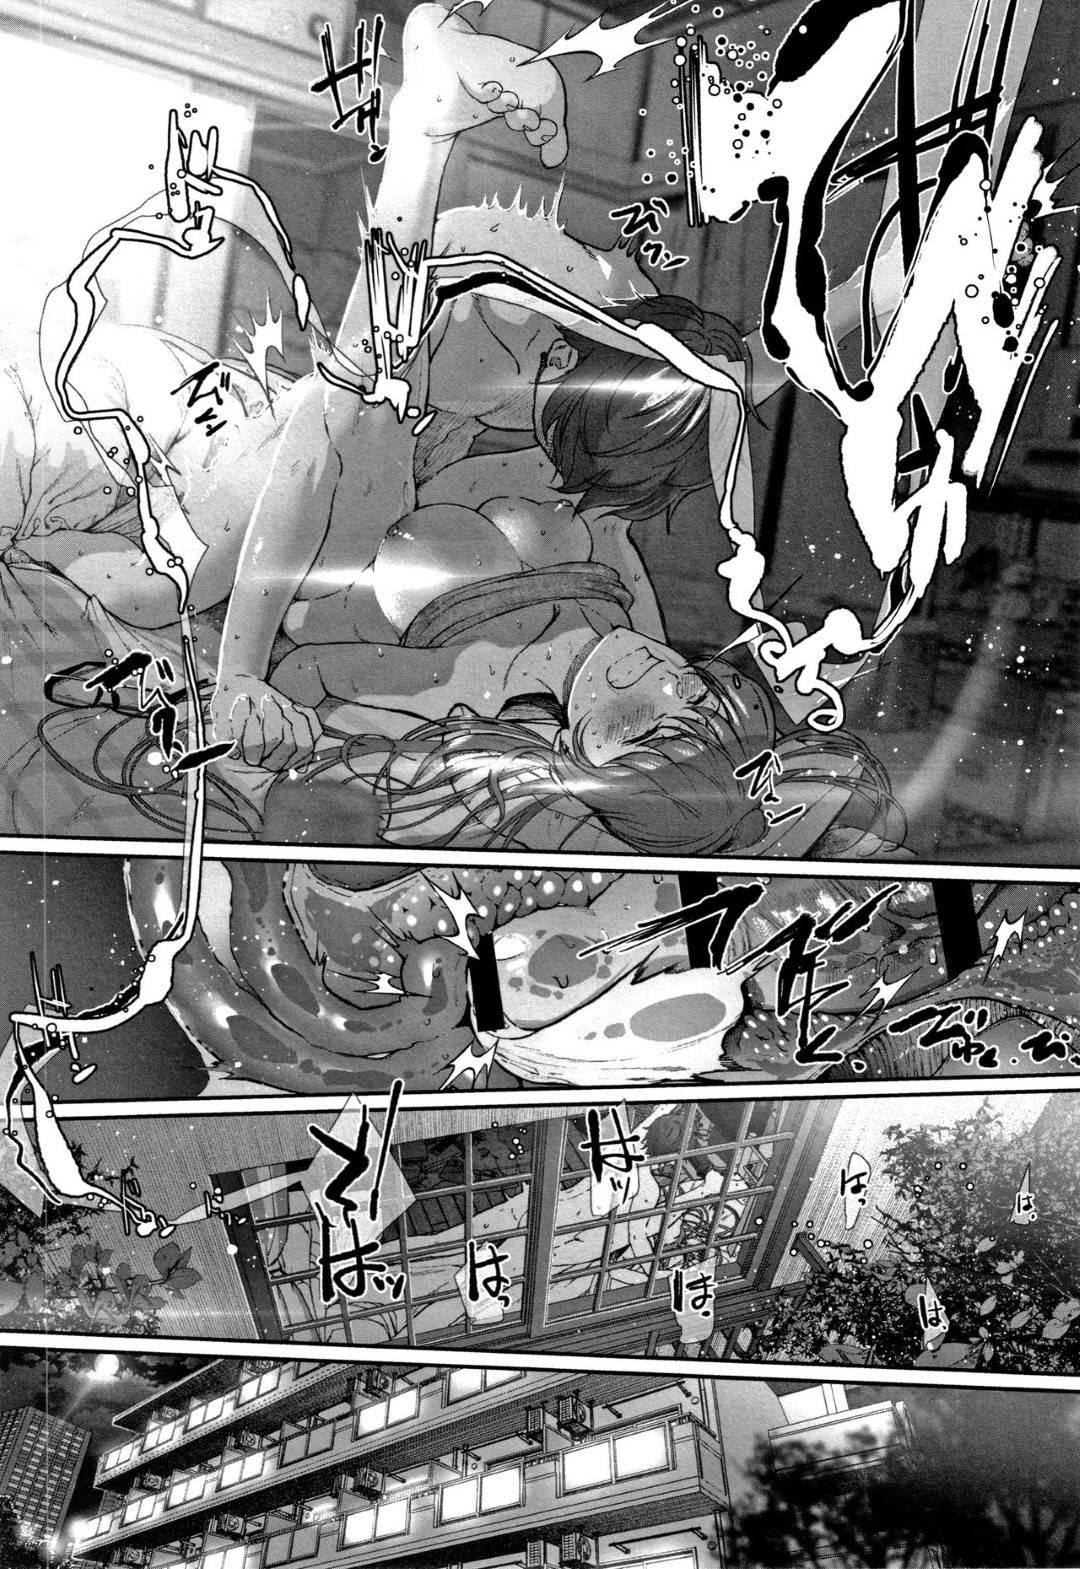 【エロ漫画】彼氏と処女喪失セックスに挑む清楚系彼女…経験のない二人はぎこちなくキスし、頑張り屋な彼女は喉奥までチンポを咥えてごっくんまでしてしまう。その後は正常位や騎乗位などの体位で処女喪失セックスするのだった。【じょろり:恋せよ処女】